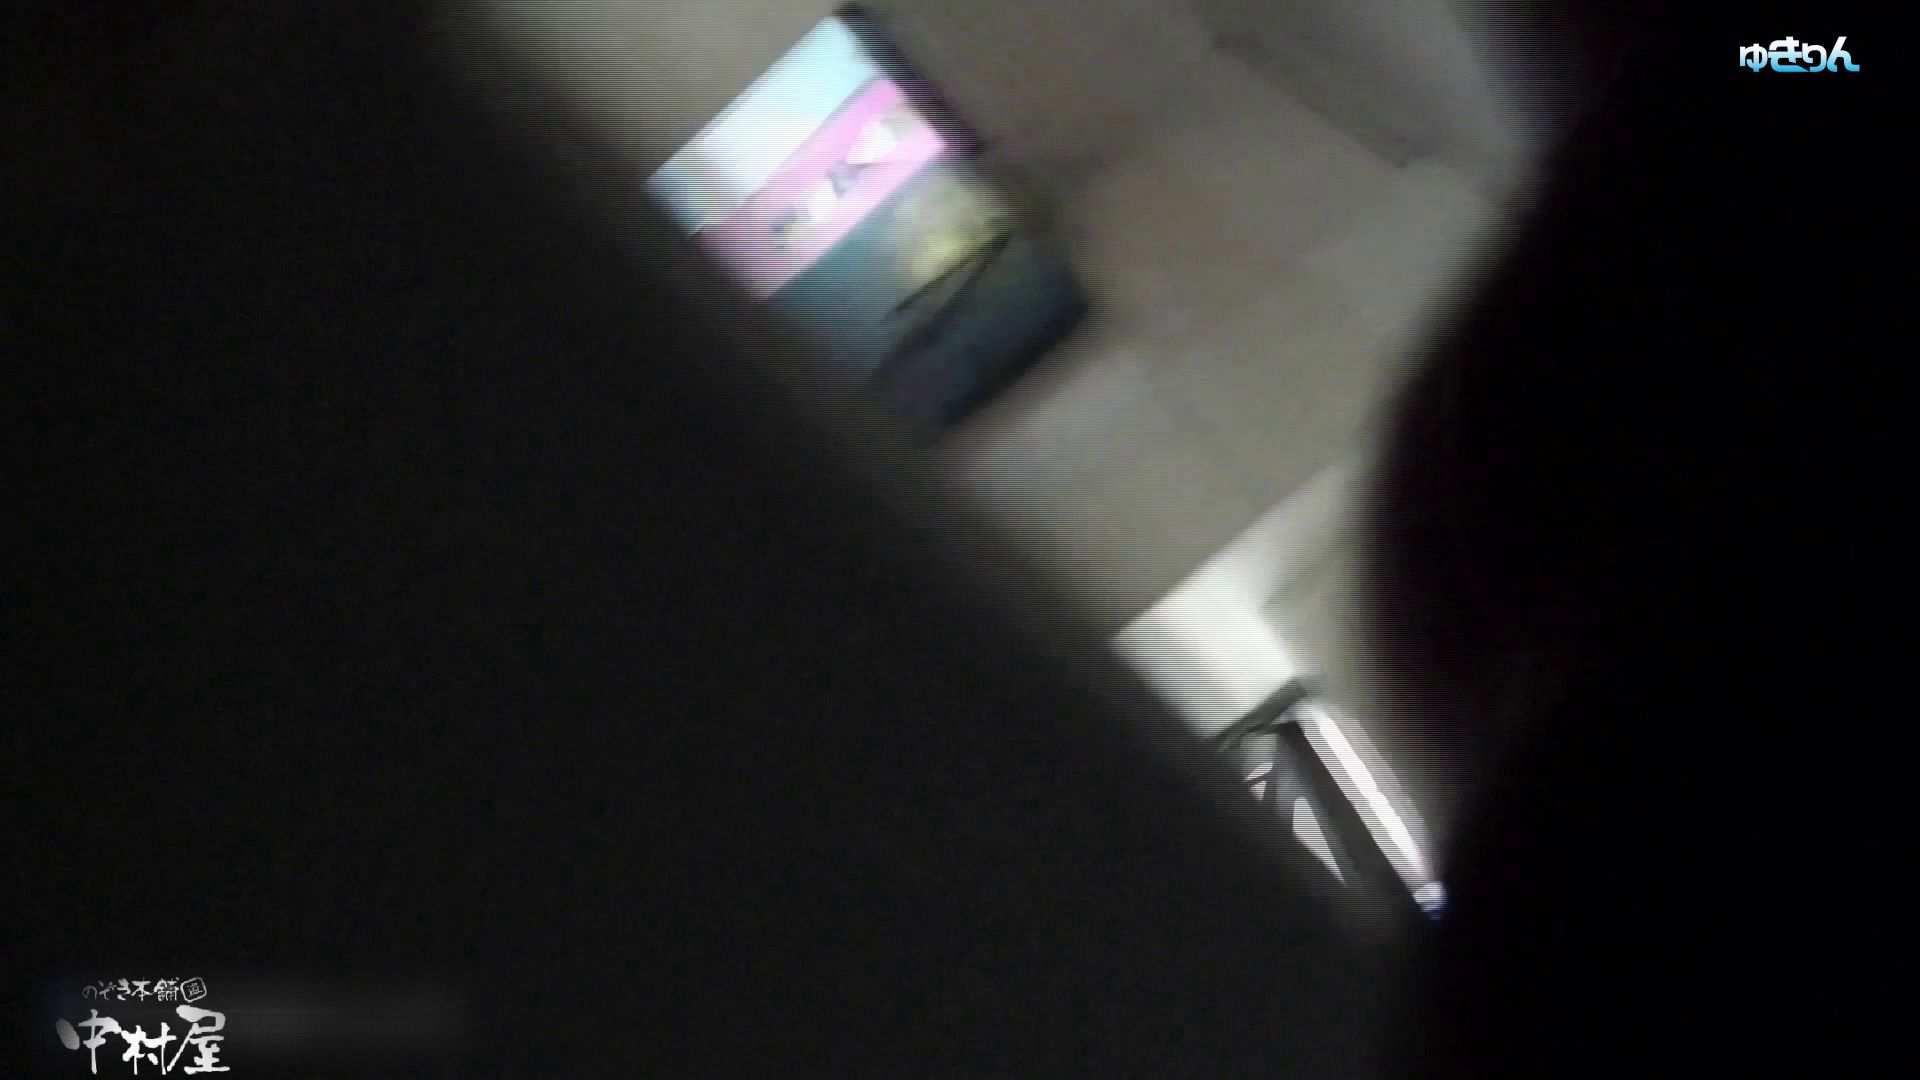 世界の射窓から~ステーション編 vol61 レベルアップ!!画質アップ、再発進 OLハメ撮り  77Pix 65